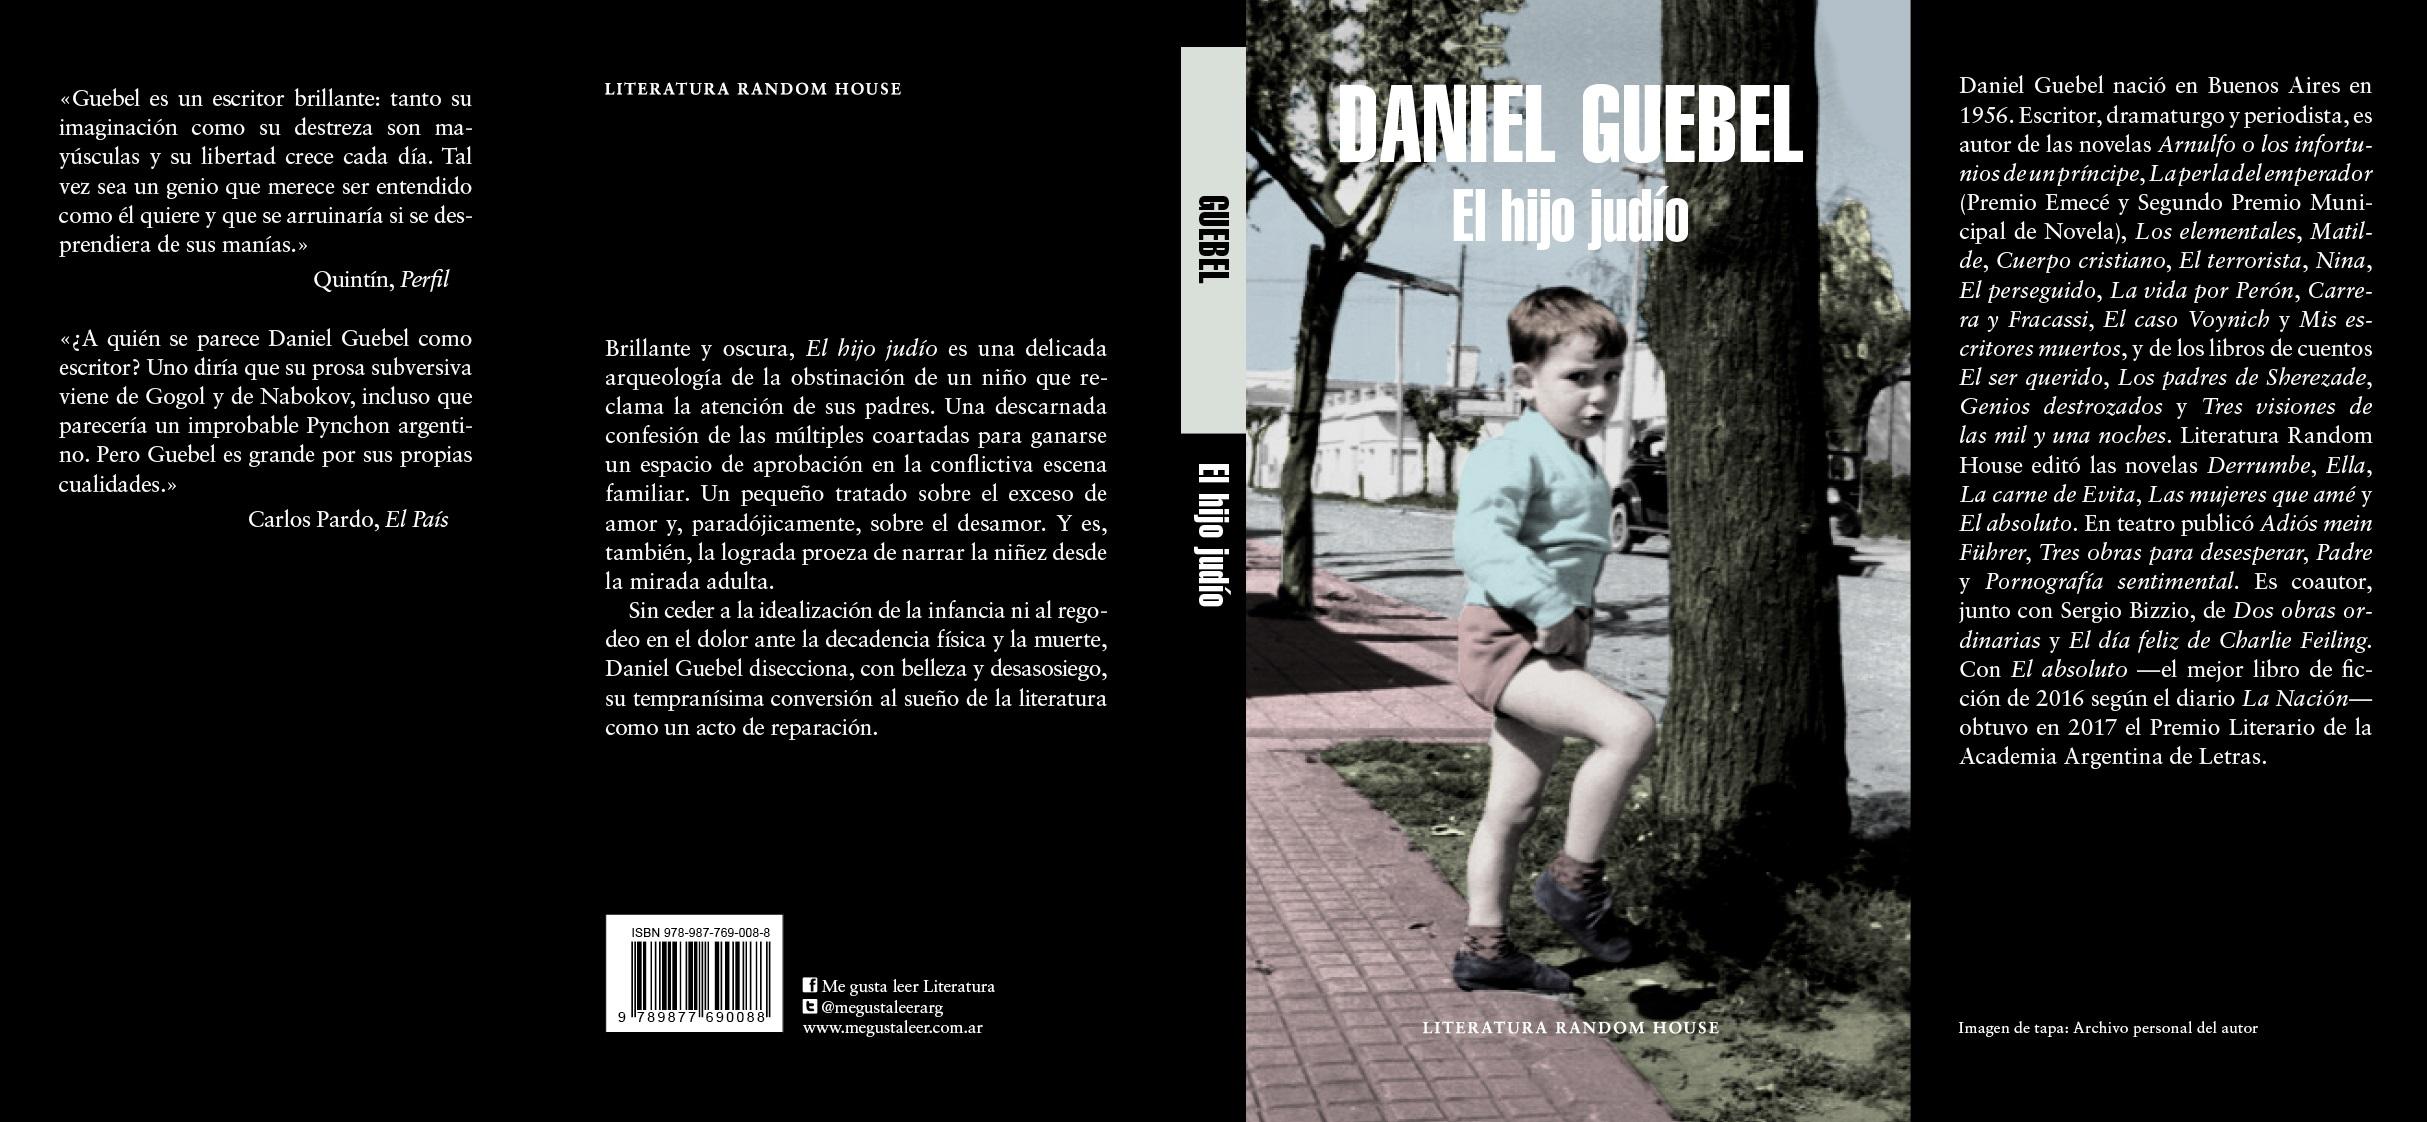 Resultado de imagen para El hijo judío, de Daniel Guebel